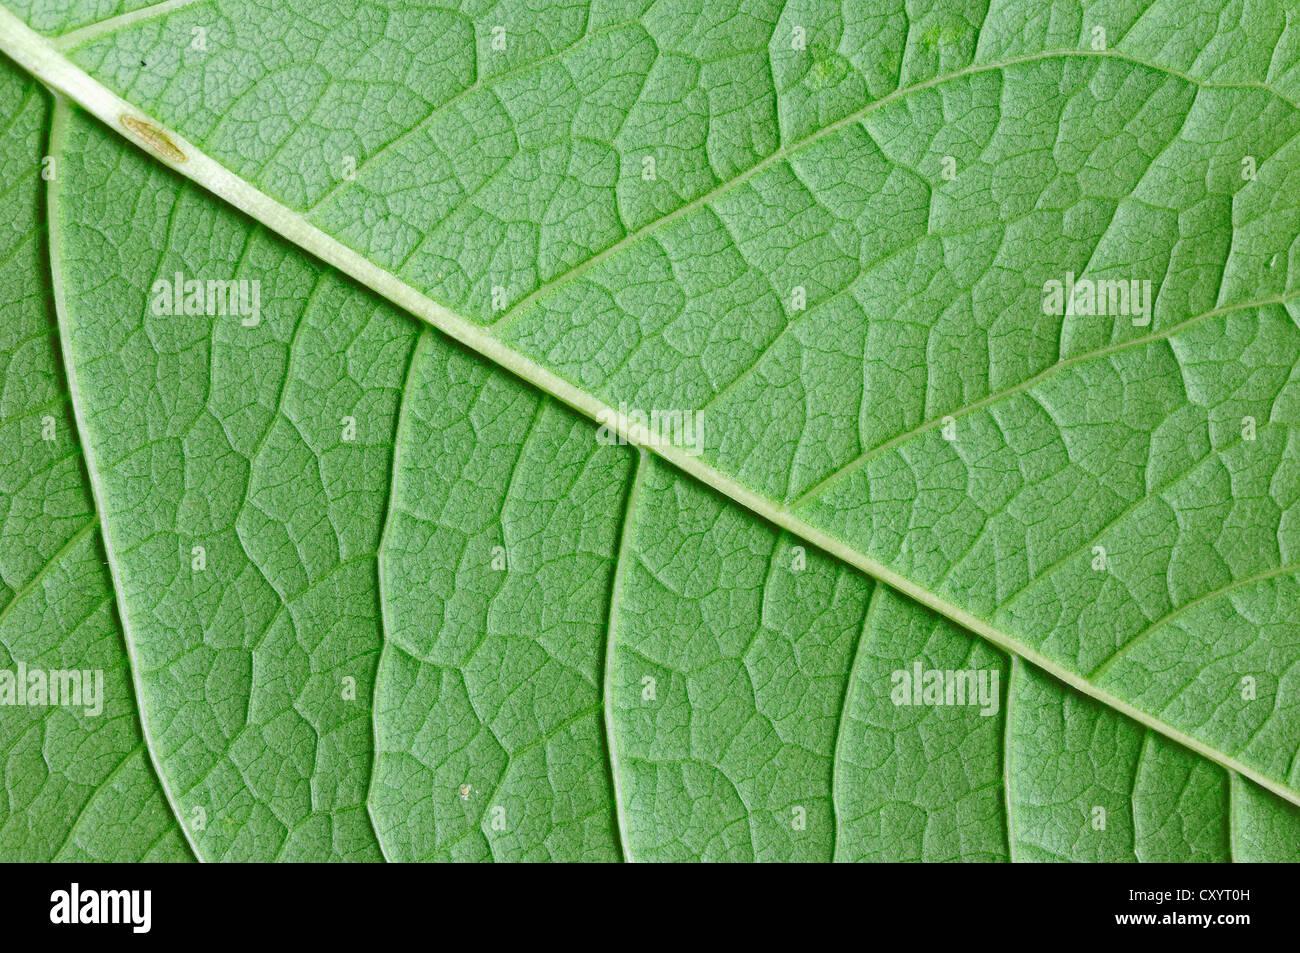 Gemeinsame Cogwood (Cornus sanguineaund), Detailansicht der Blätter, North Rhine-Westphalia Stockbild